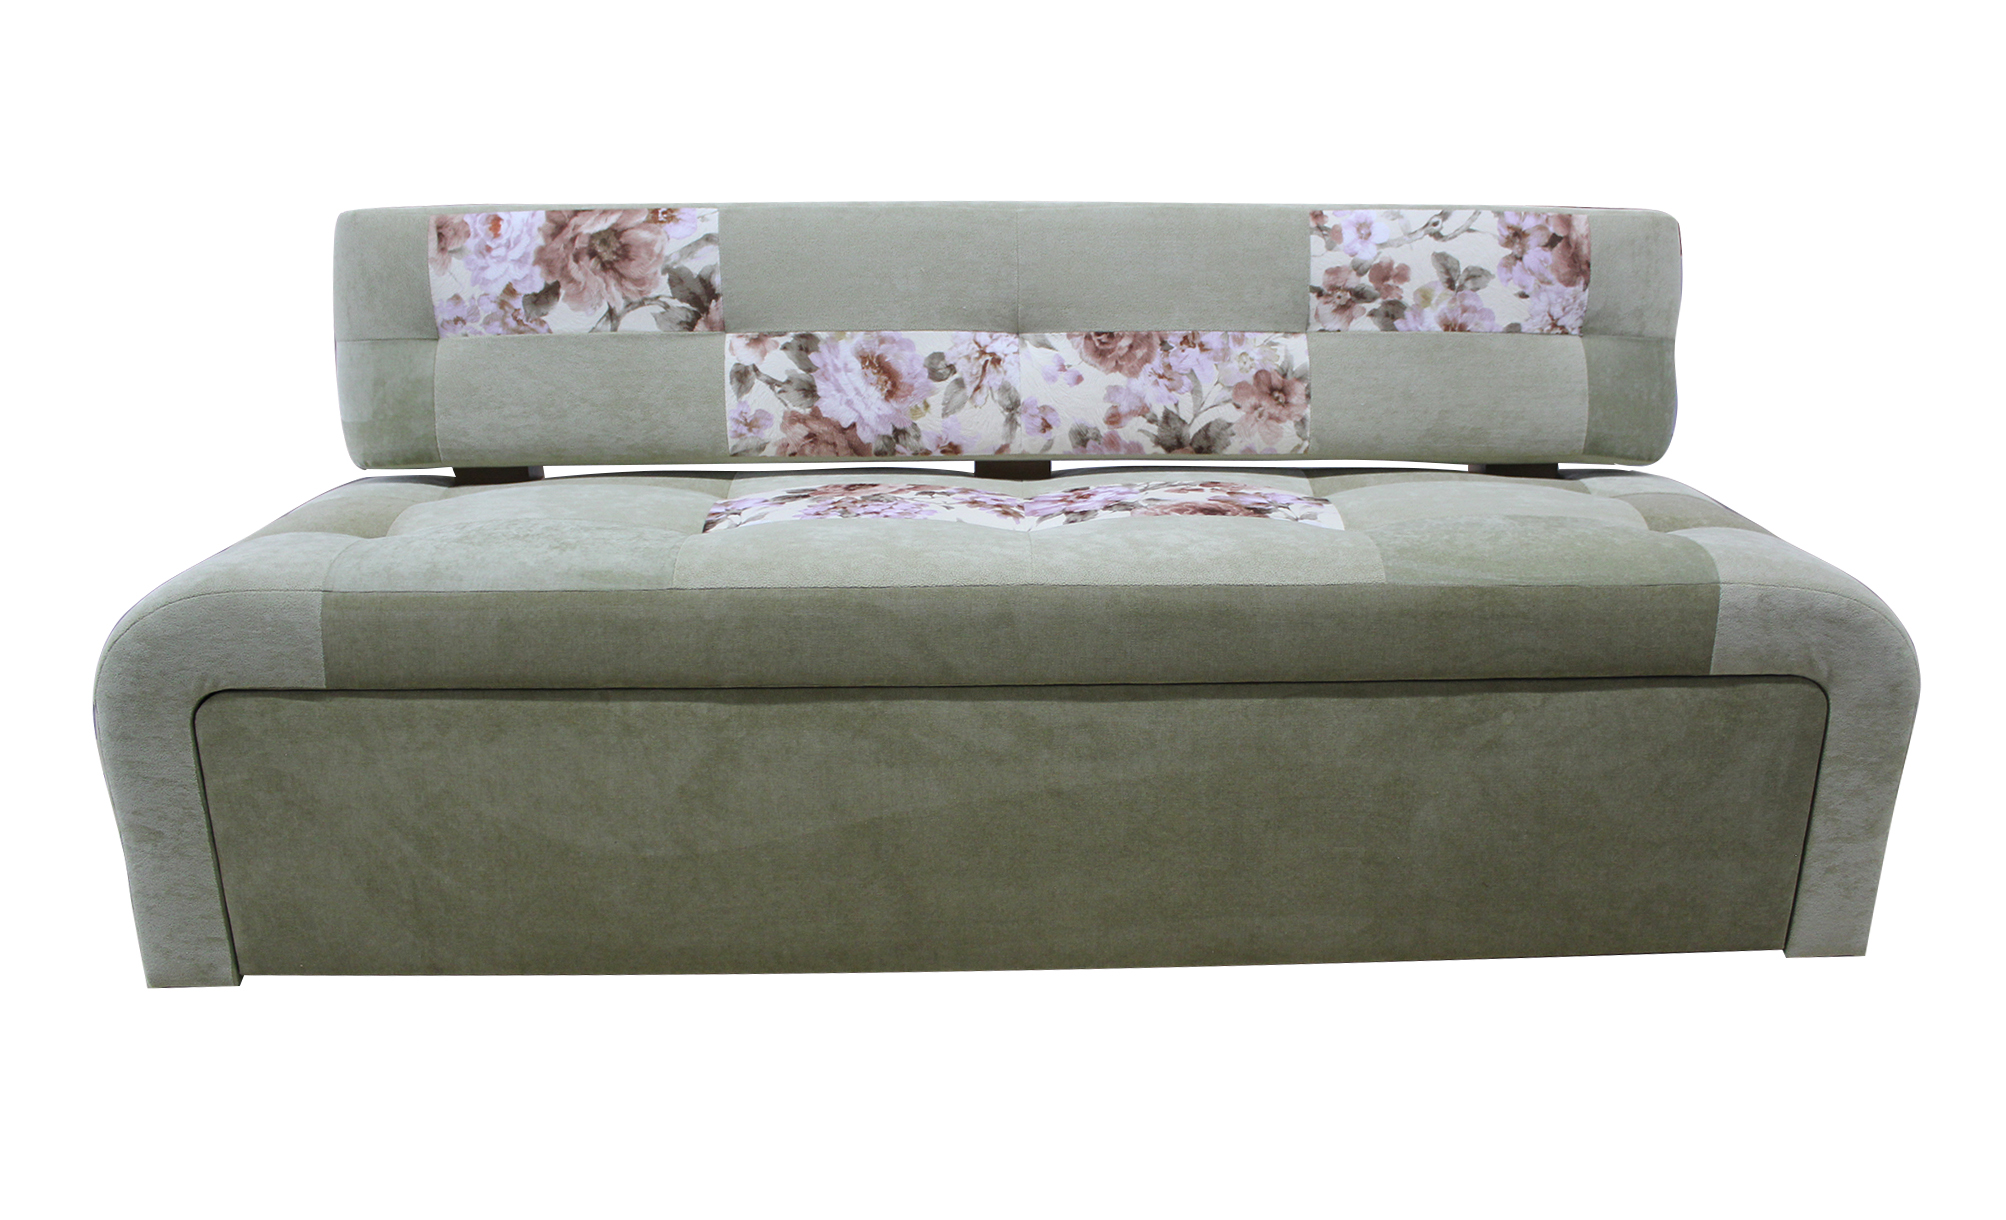 Кухонный диван Бристоль-229 — Кухонный диван Бристоль